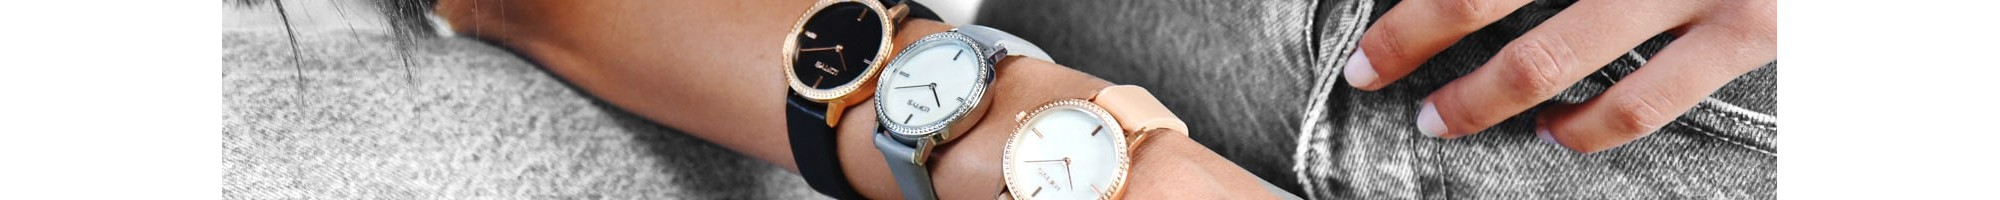 Ρολόγια Γυναικεία | Αγορά Online | BIJOU BOX